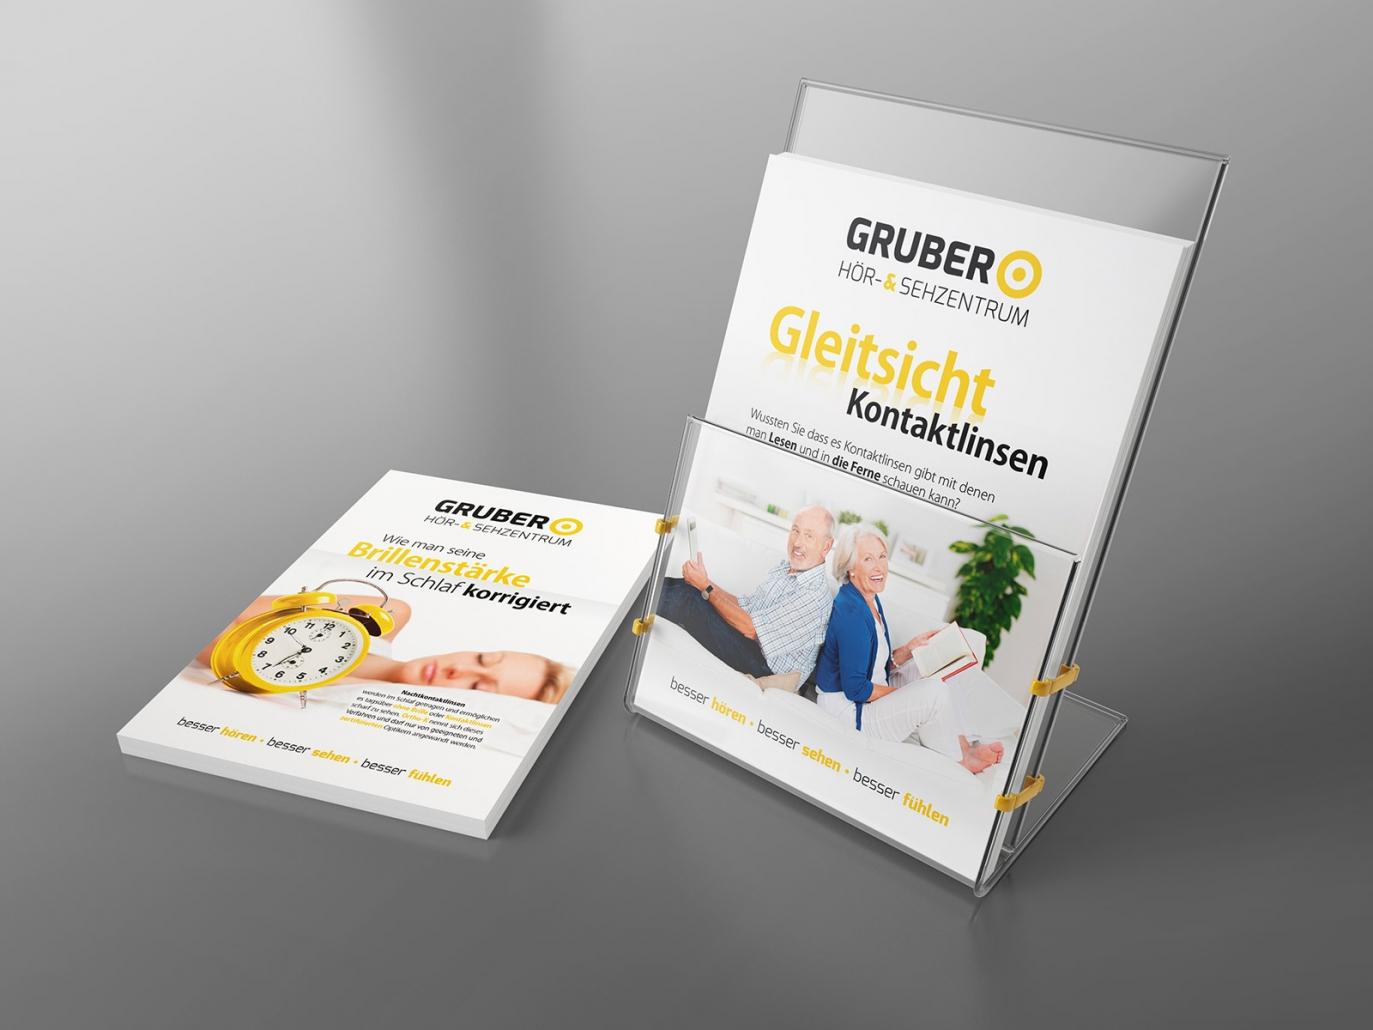 Flyer für Gruber Hör- & Sehzentrum